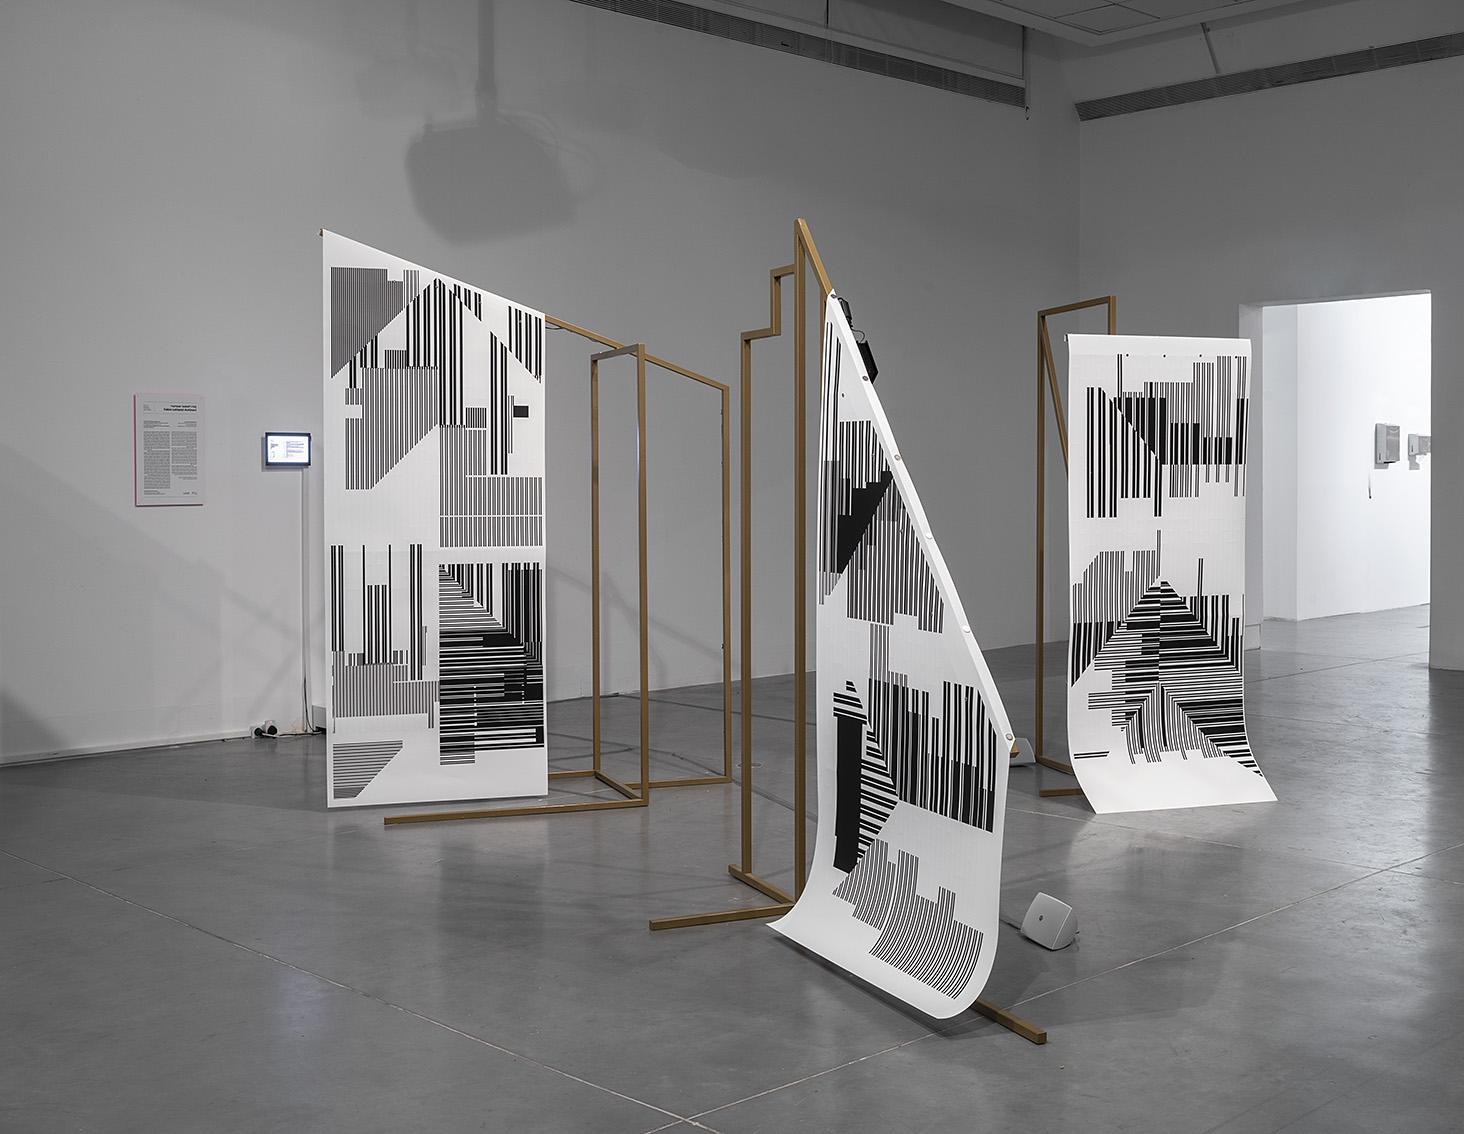 מוזיאון פתח תקוה לאמנות. צילום אלעד שריג (11).jpg